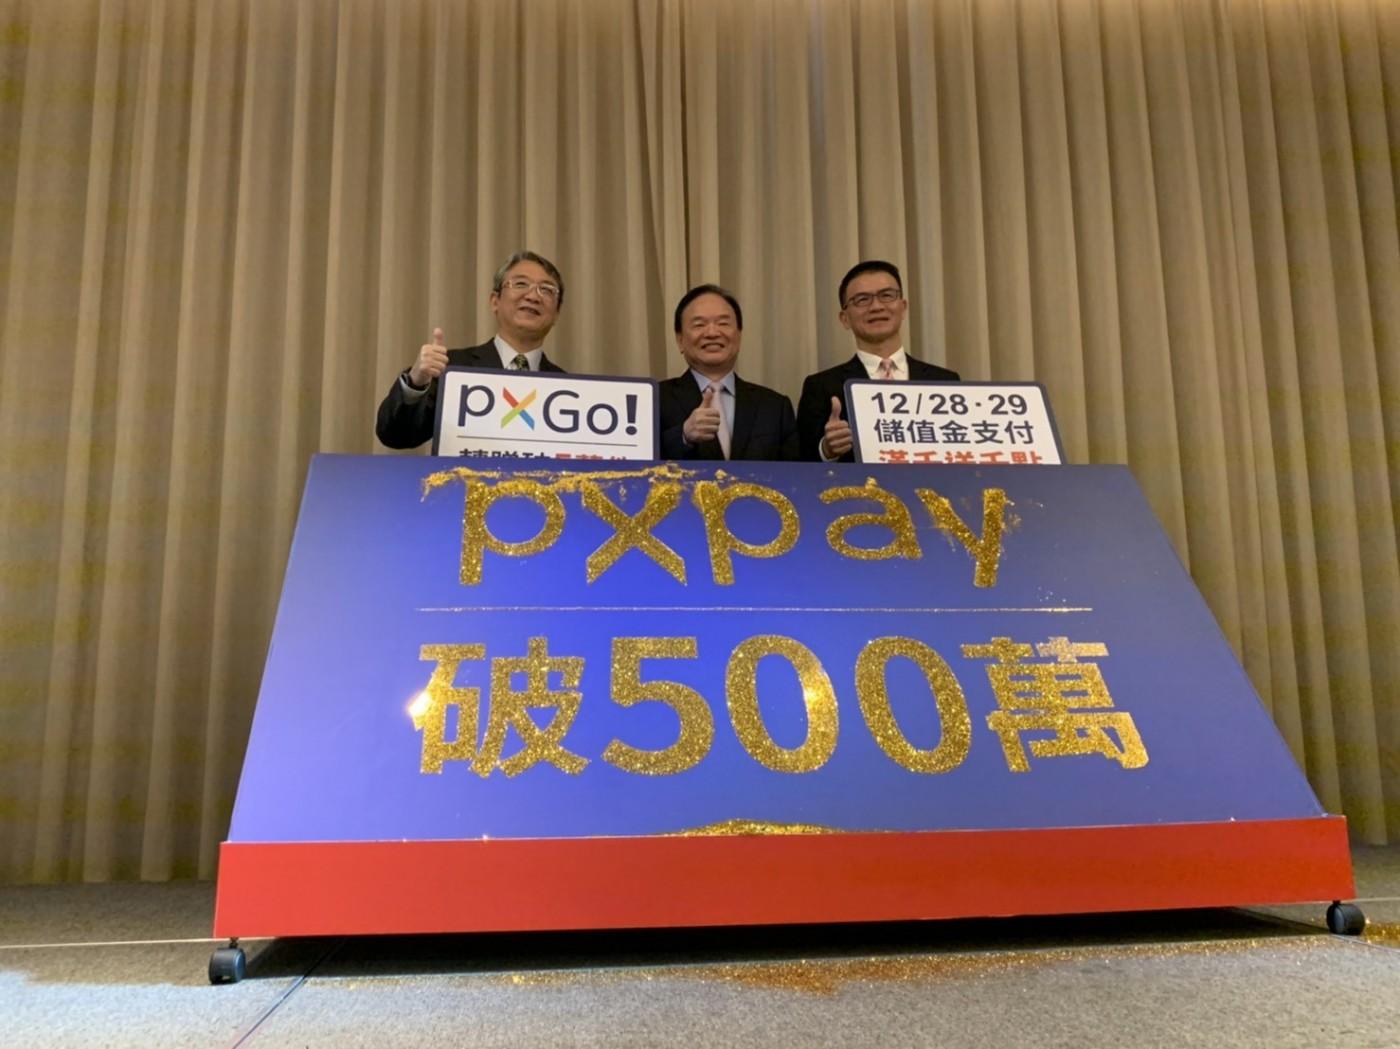 婆媽力挺!全聯PX Pay晉升第3大支付,林敏雄下一步是什麼?